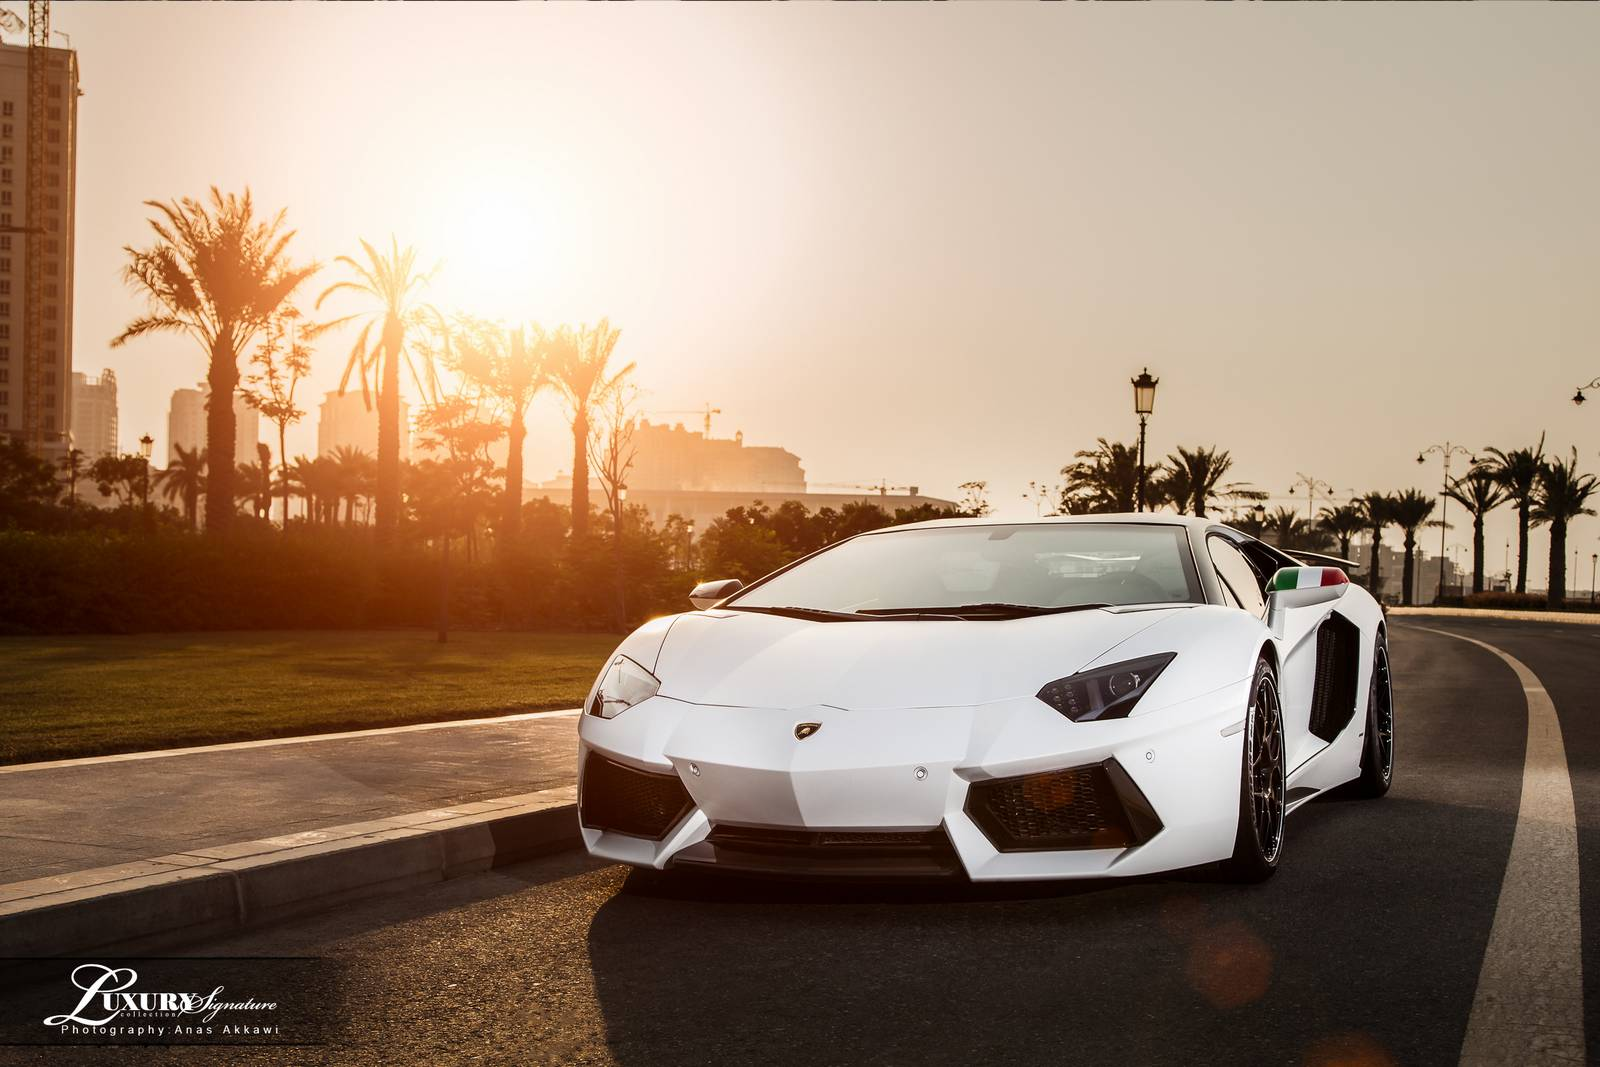 Photo Of The Day: Lamborghini Aventador In Qatar